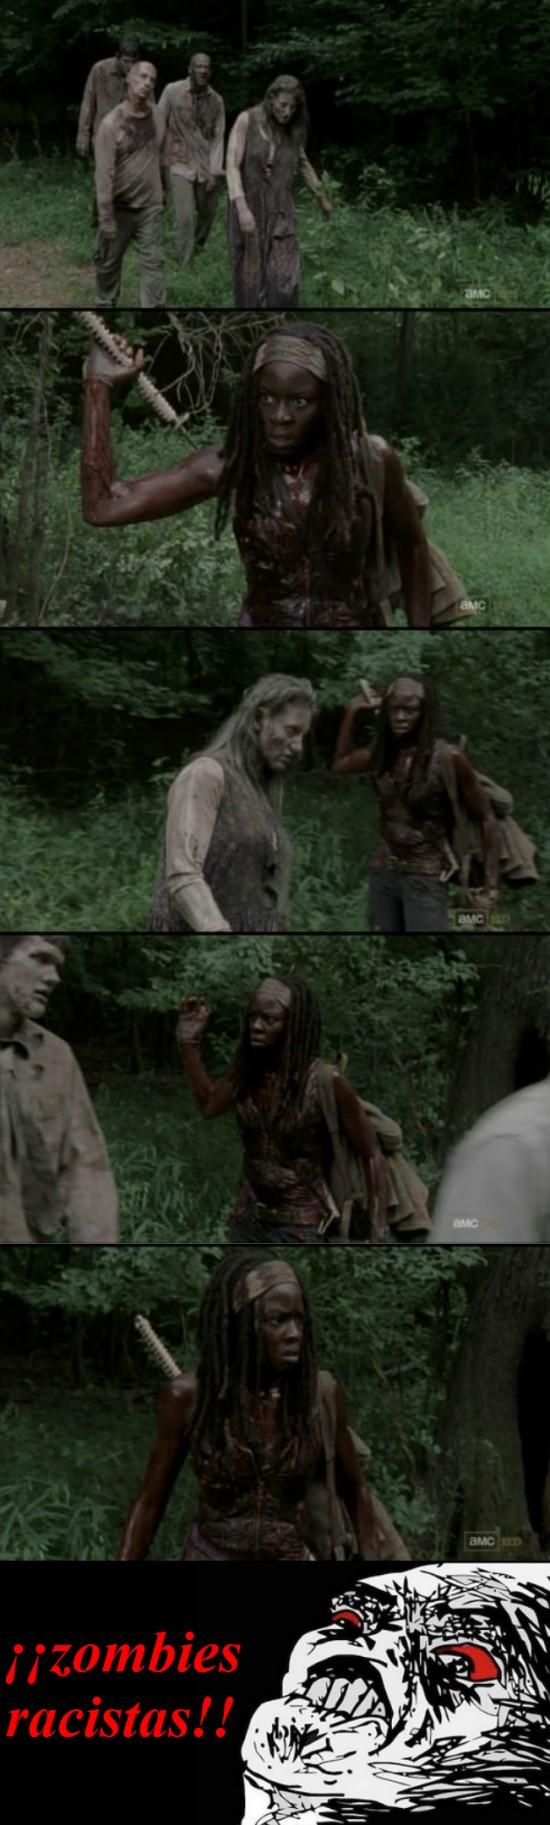 Inglip - Zombies racistas